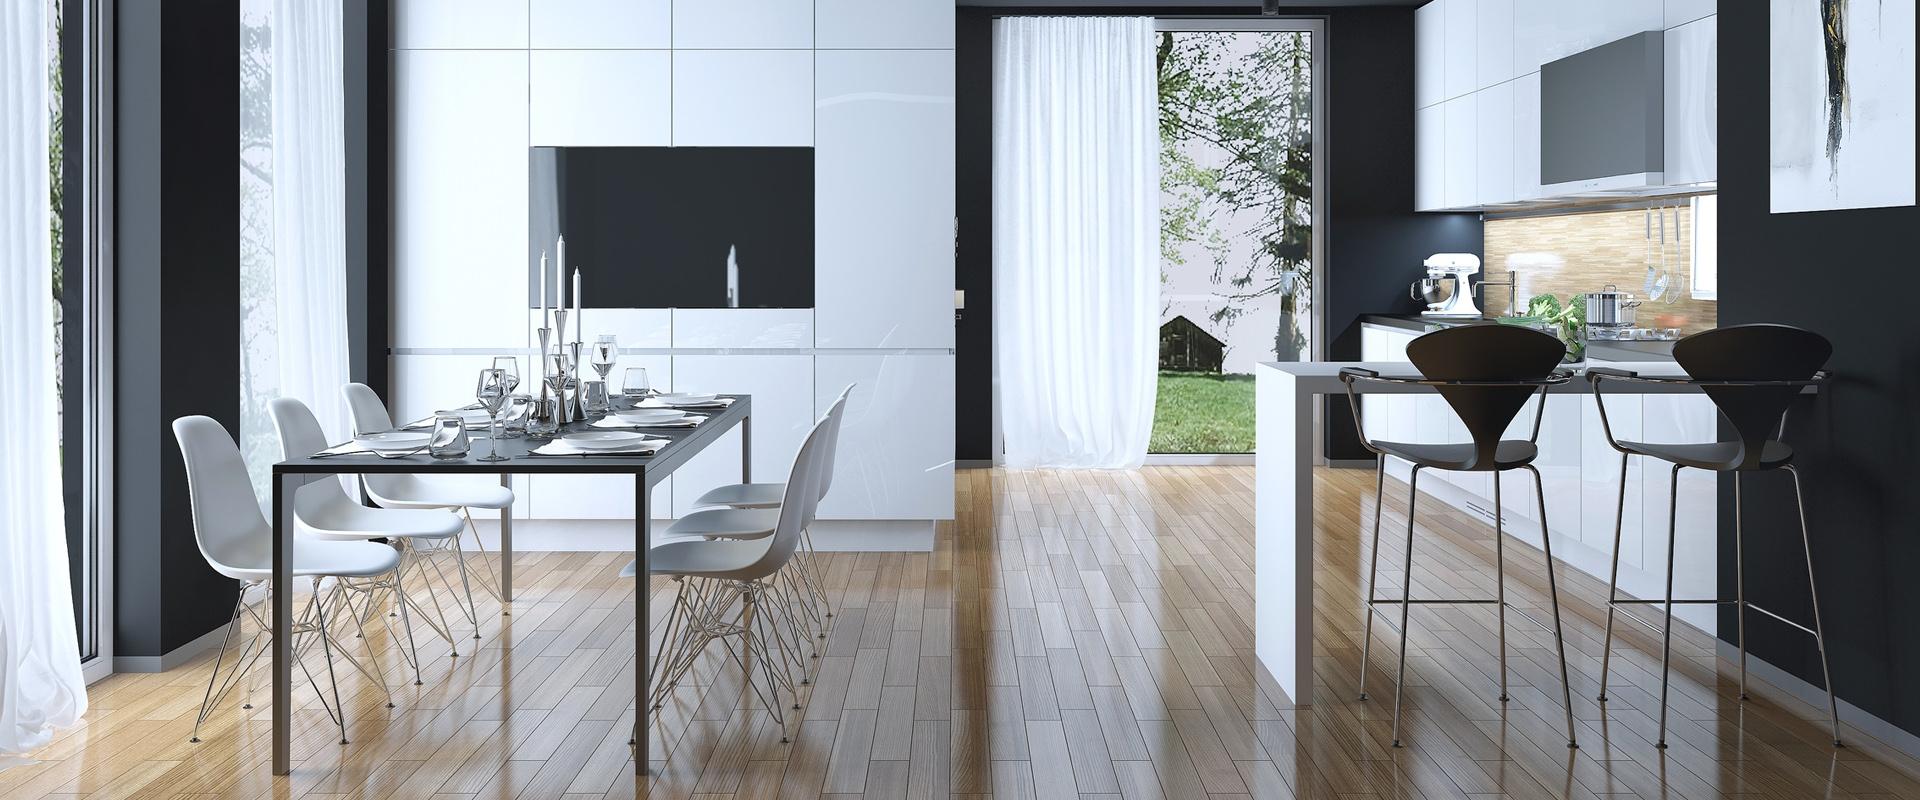 mag renovation appartement paris entreprise generale de batiment paris. Black Bedroom Furniture Sets. Home Design Ideas